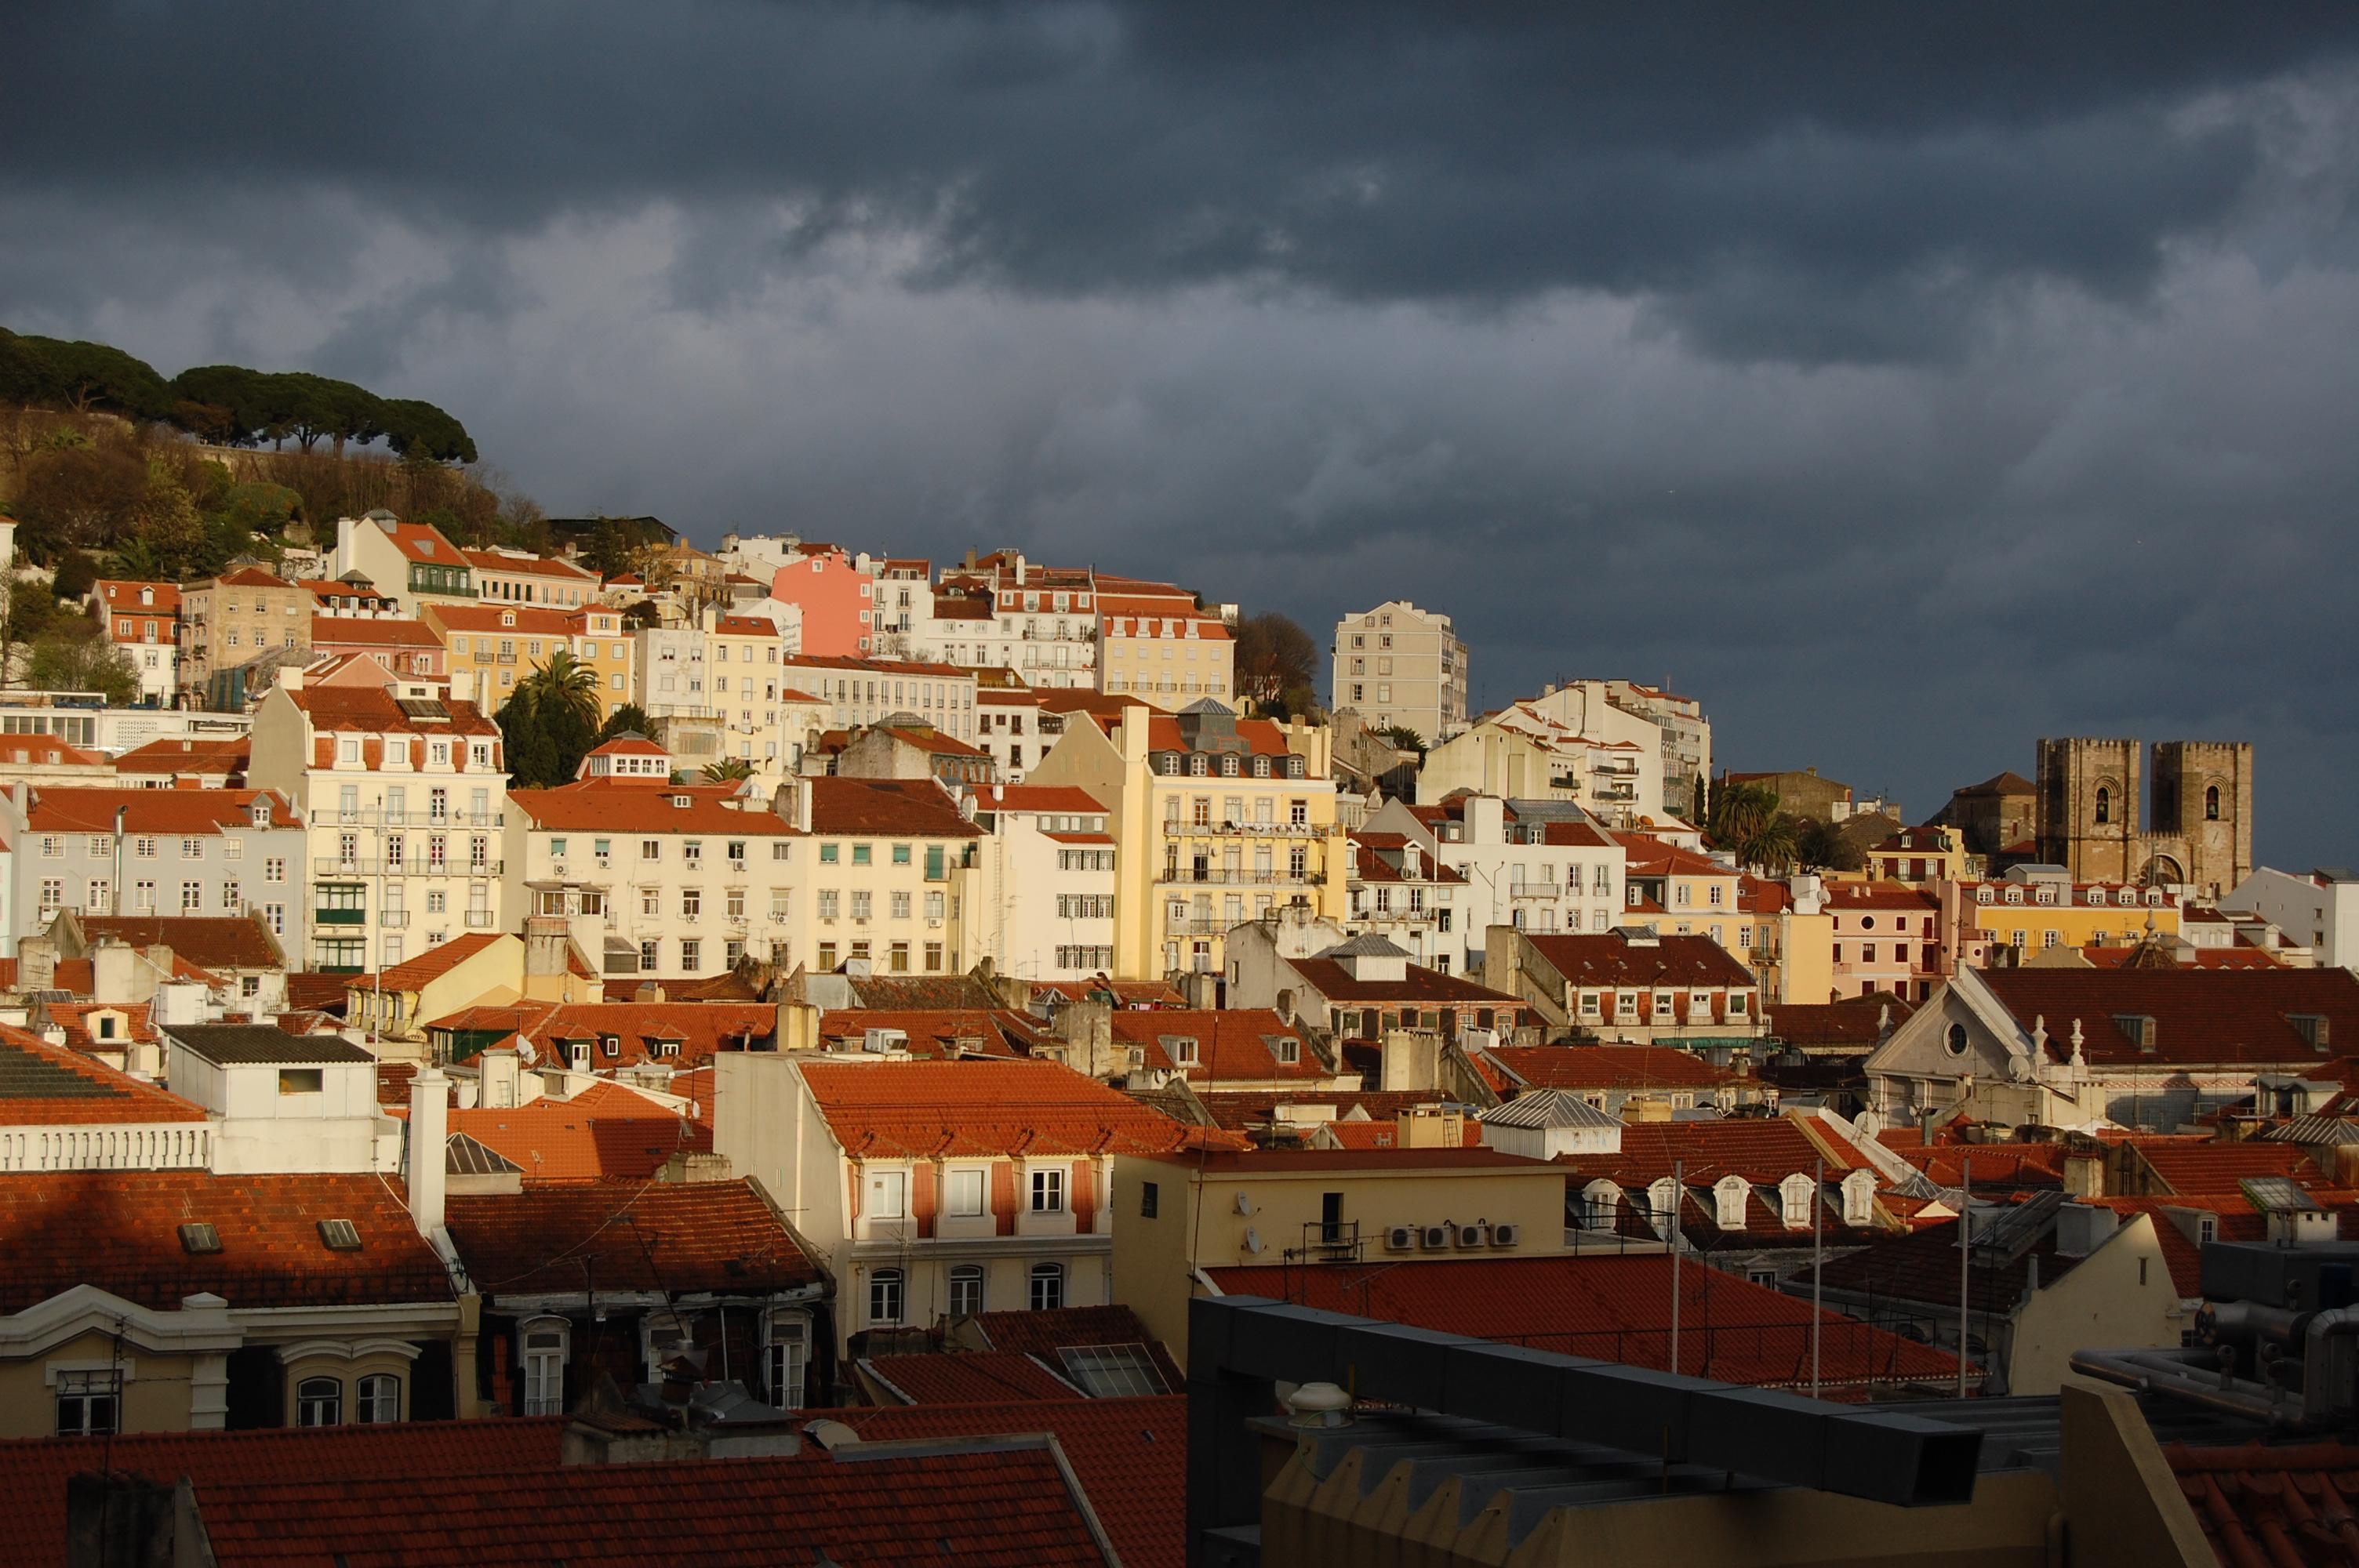 Free Landscape Wallpaper Hd File Lisbona Jpg Wikipedia